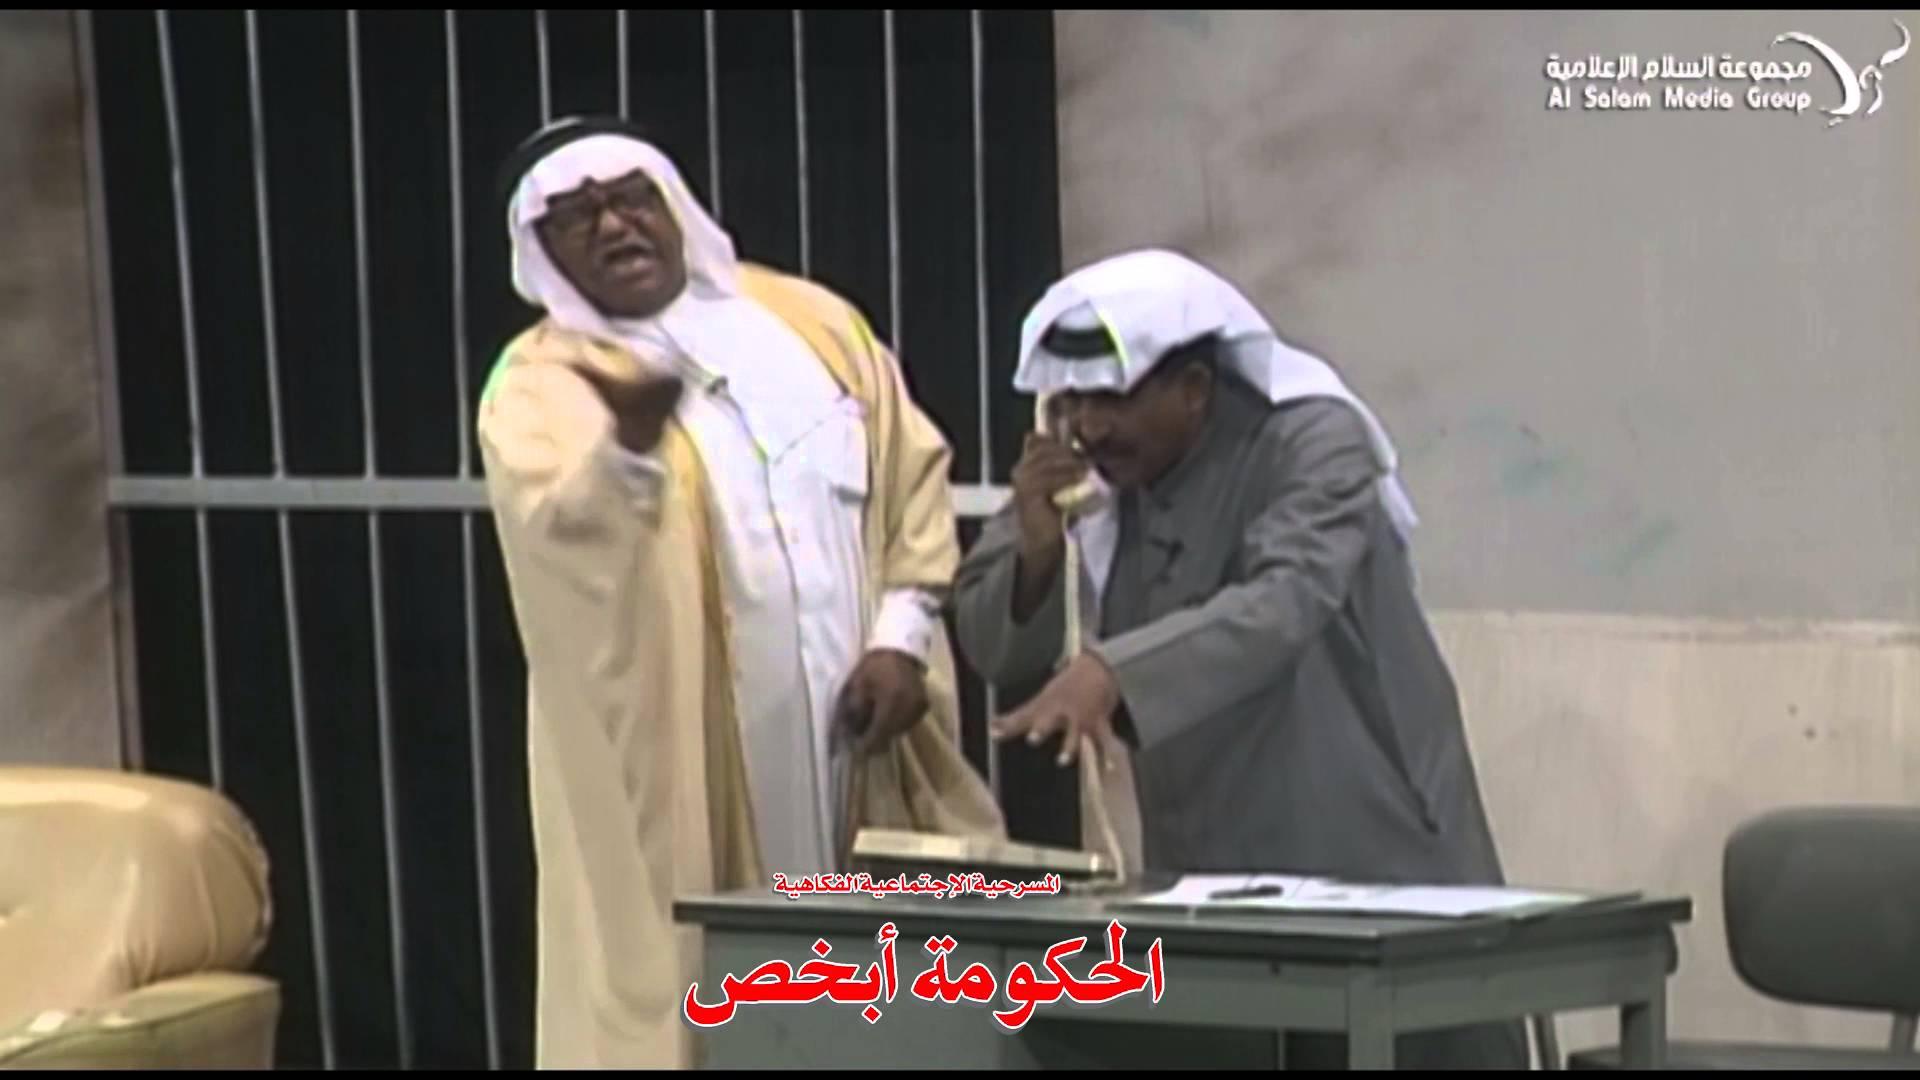 صوره نص مسرحية سياسية كوميدية